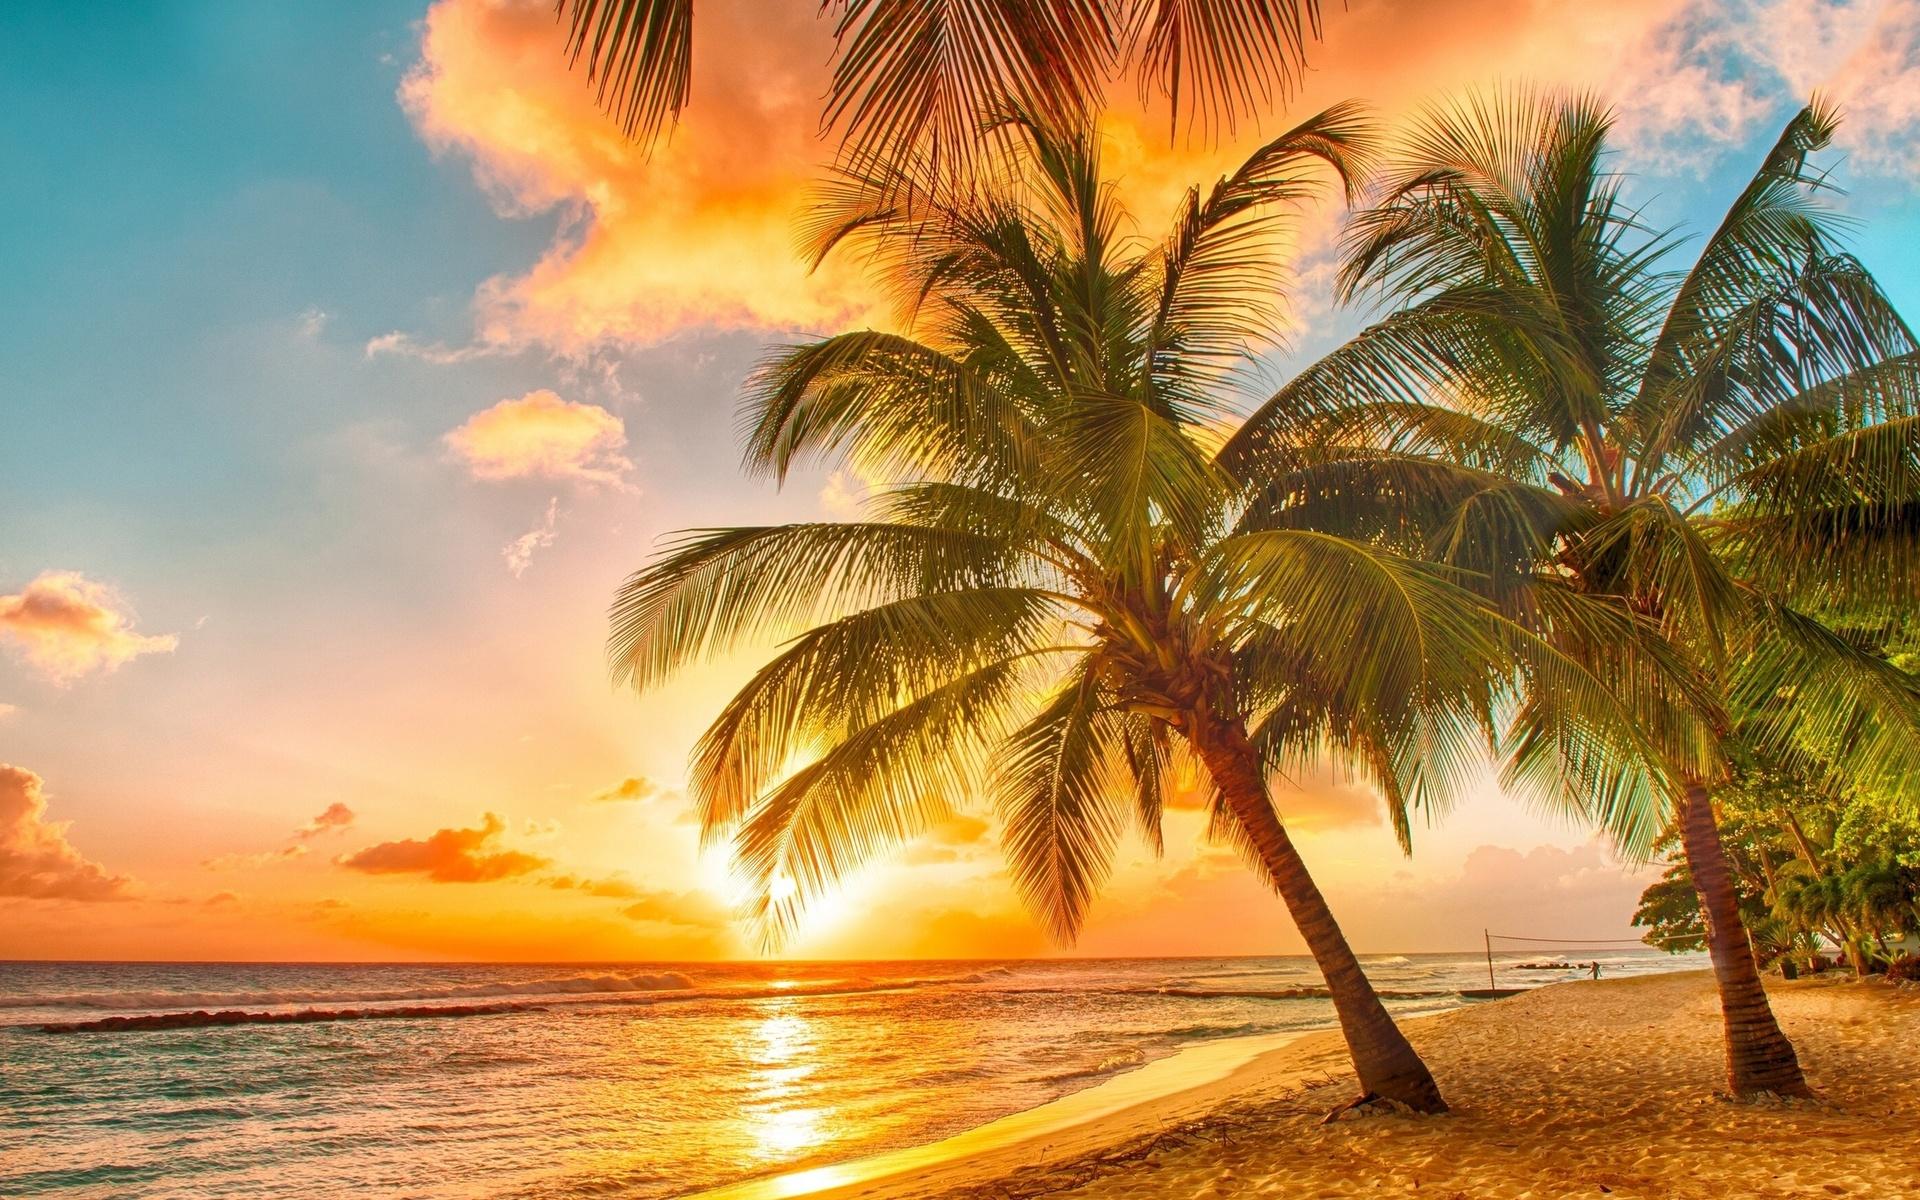 все картинки о солнце пляже и пальмах нашей